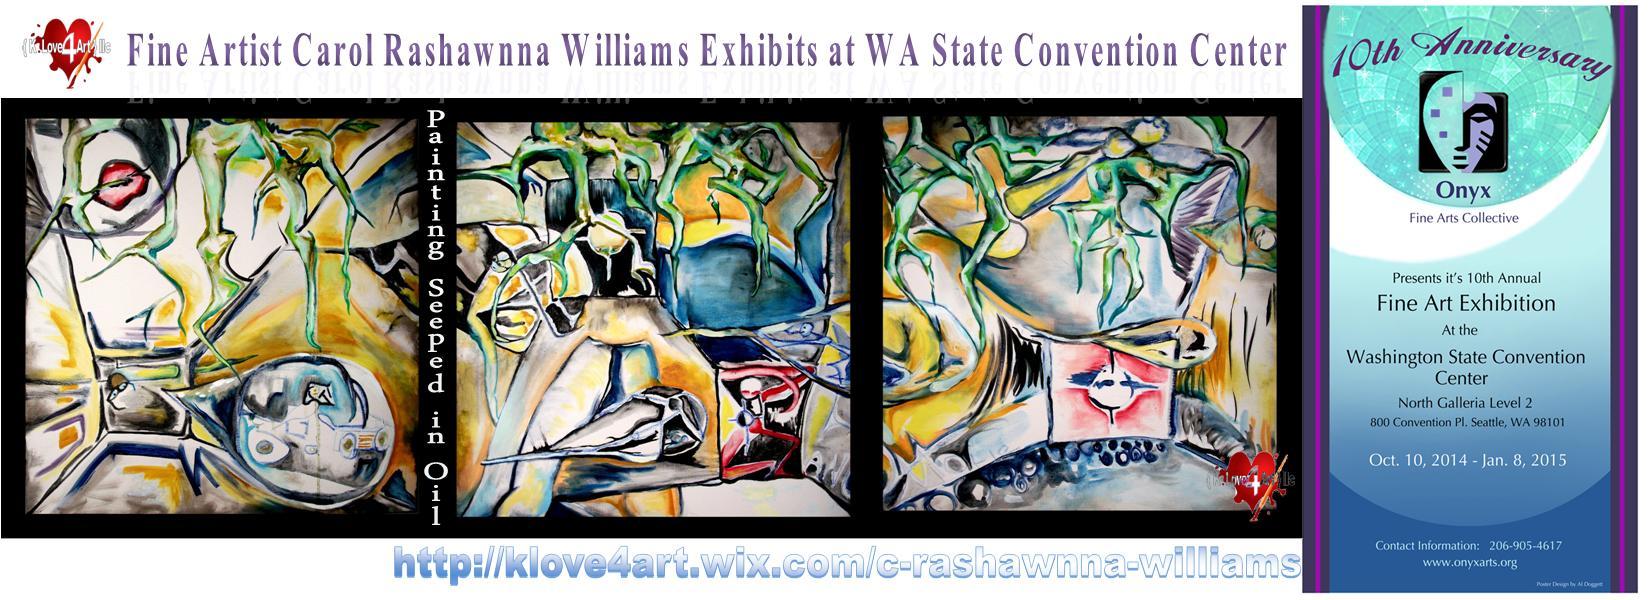 WA State Con Cnt Cover 2014